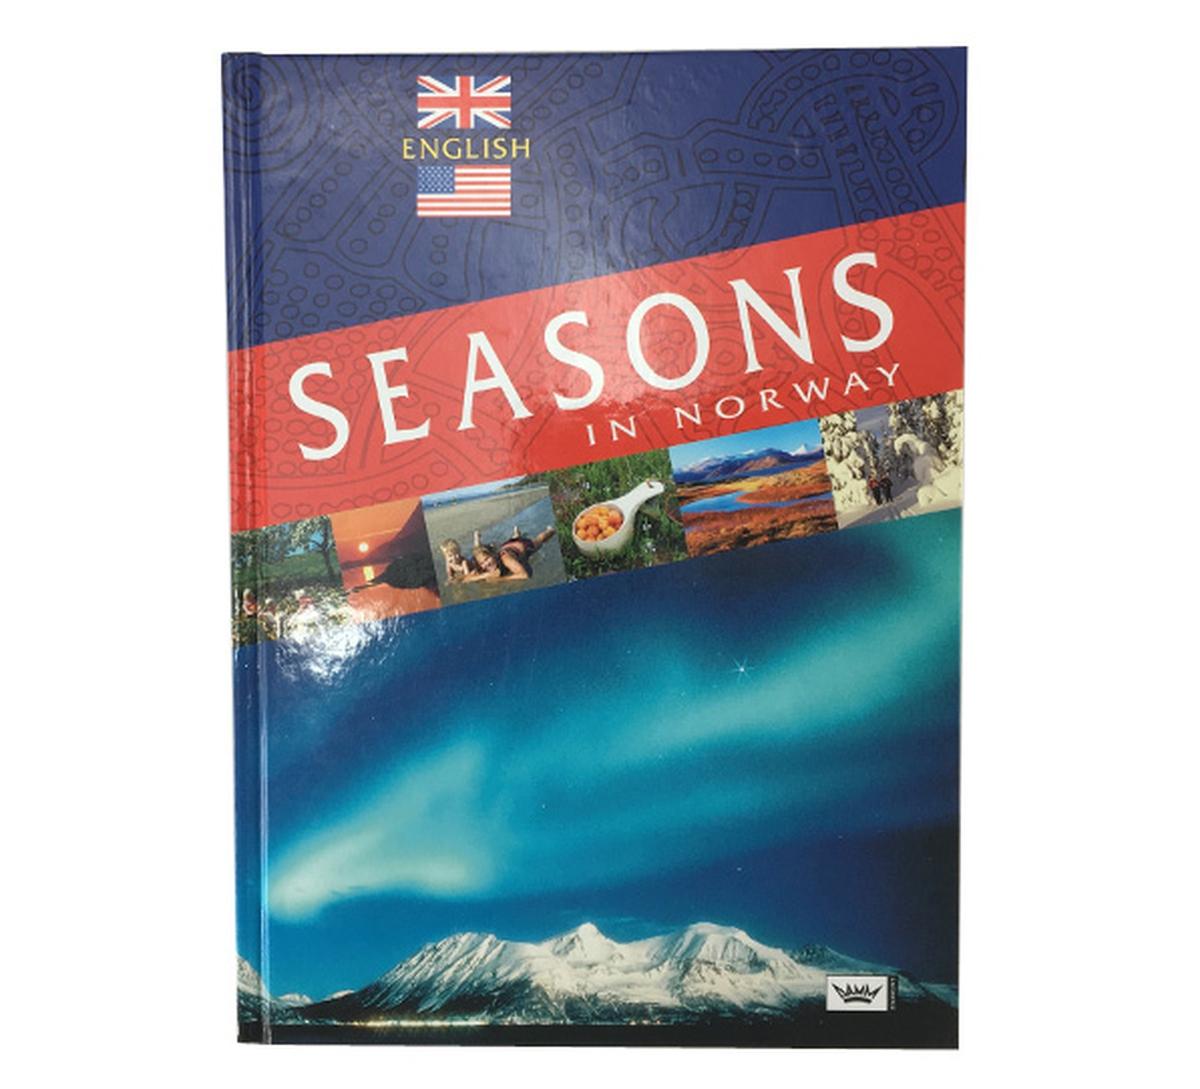 Seasons in Norway